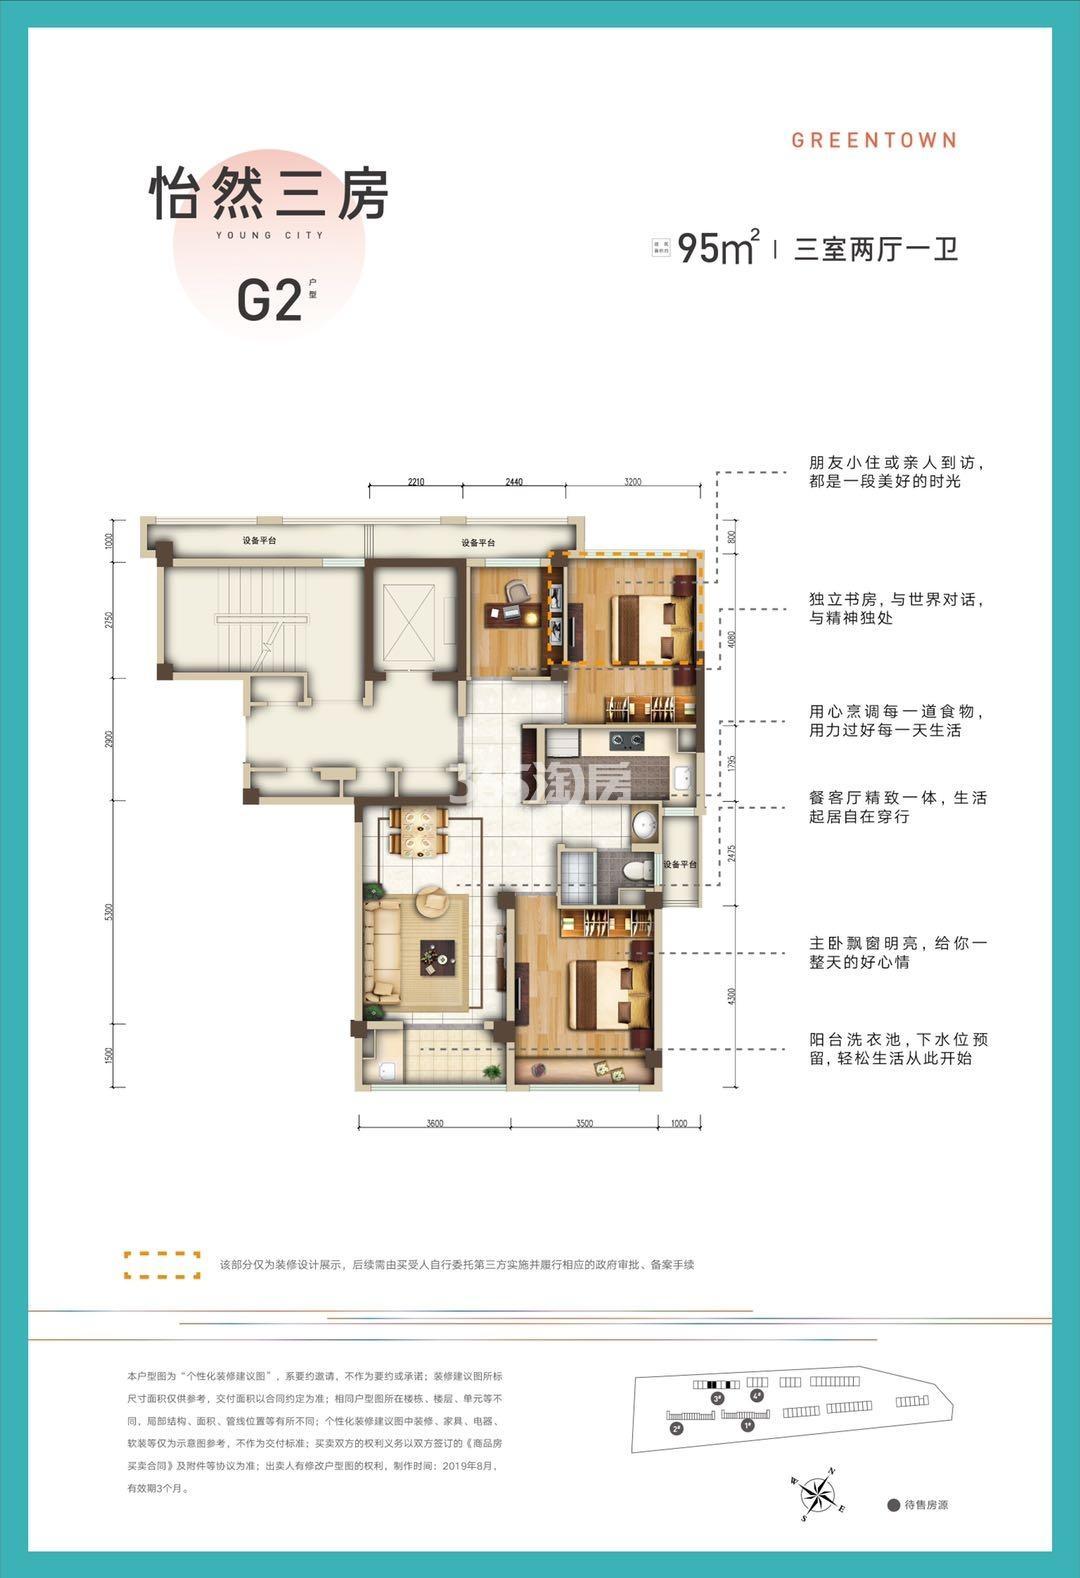 地铁绿城杨柳郡四期G2户型约95㎡(3#夹边套)